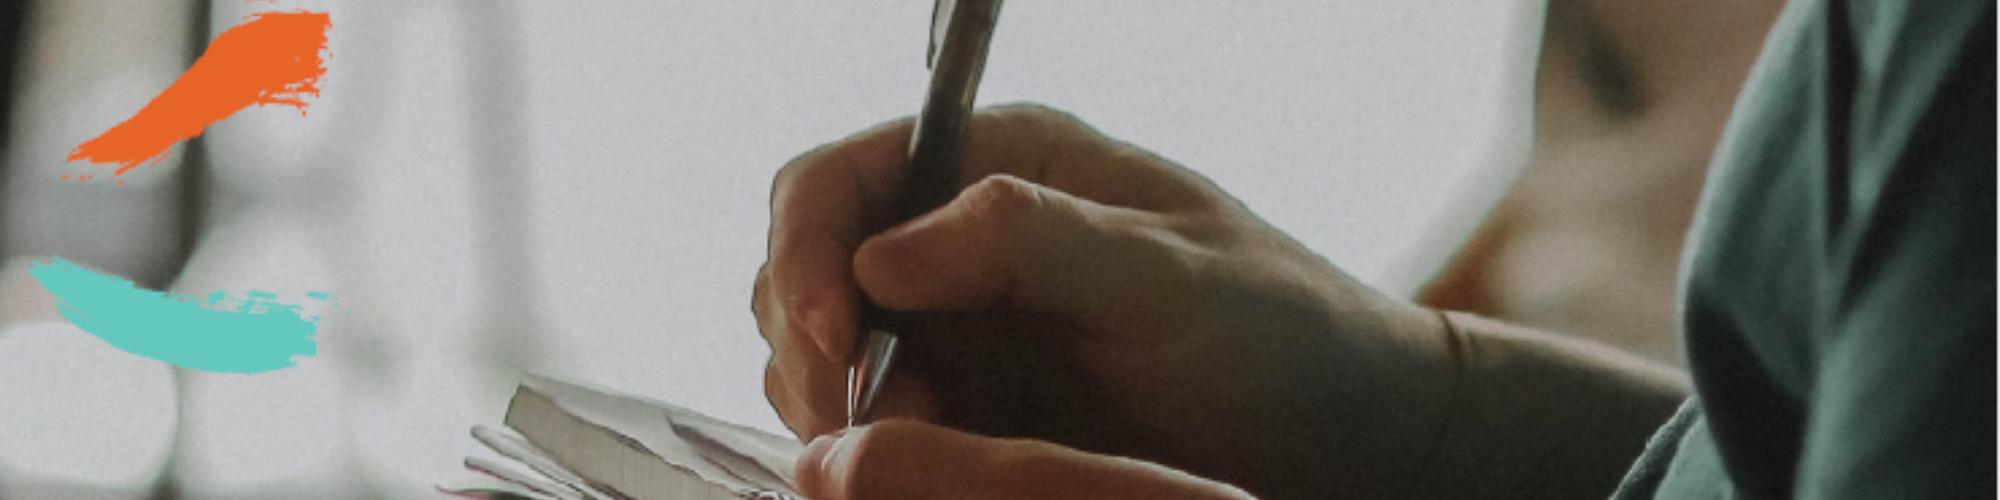 bOOST: opleiding over financiële middelen en partnerships